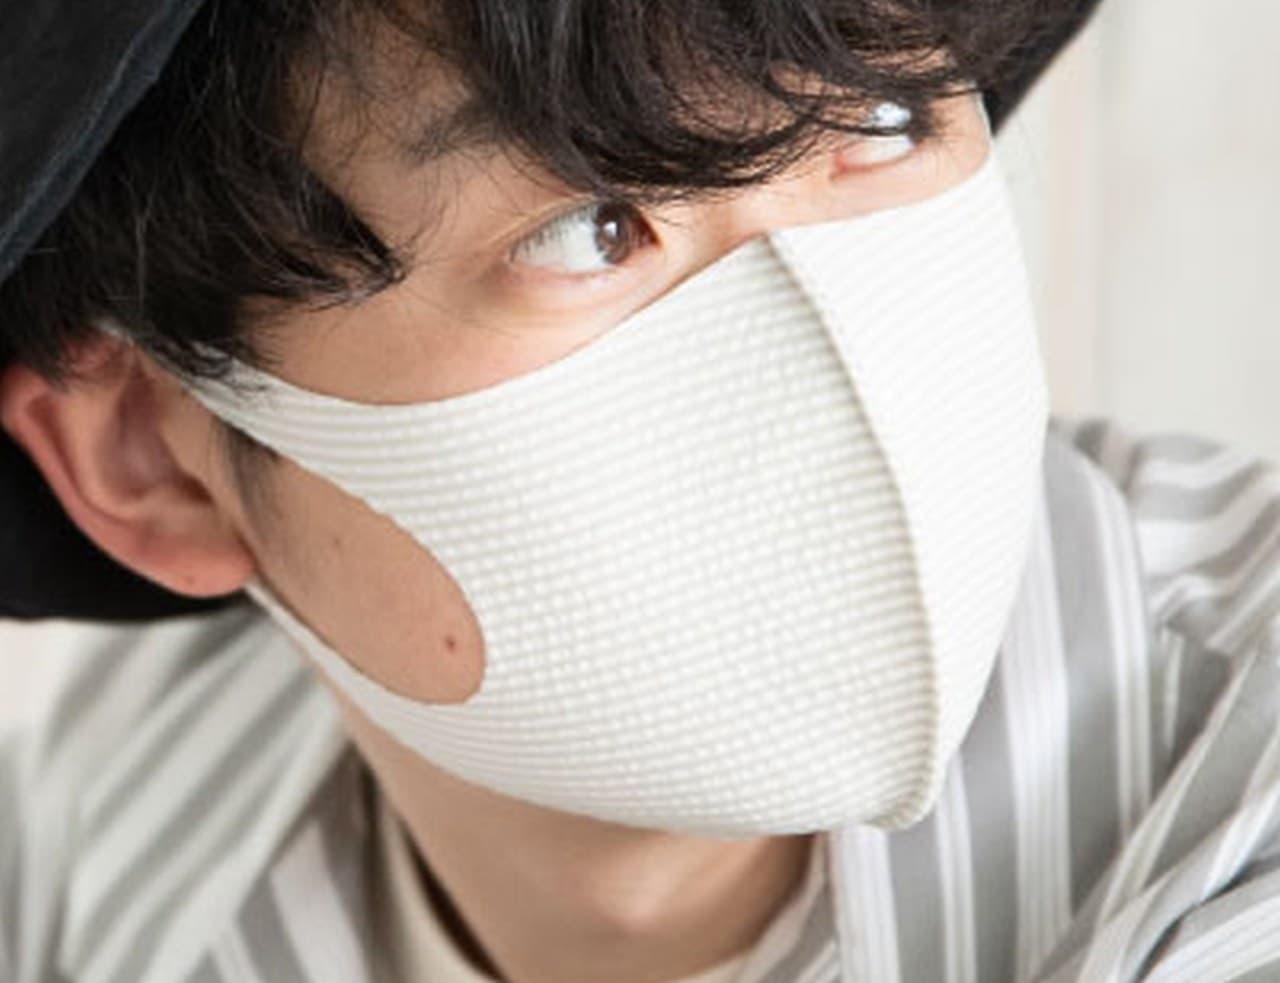 表面がデコボコ だからドライ感が続く「洗える超伸縮DRYフィットマスク」第一回抽選販売開始